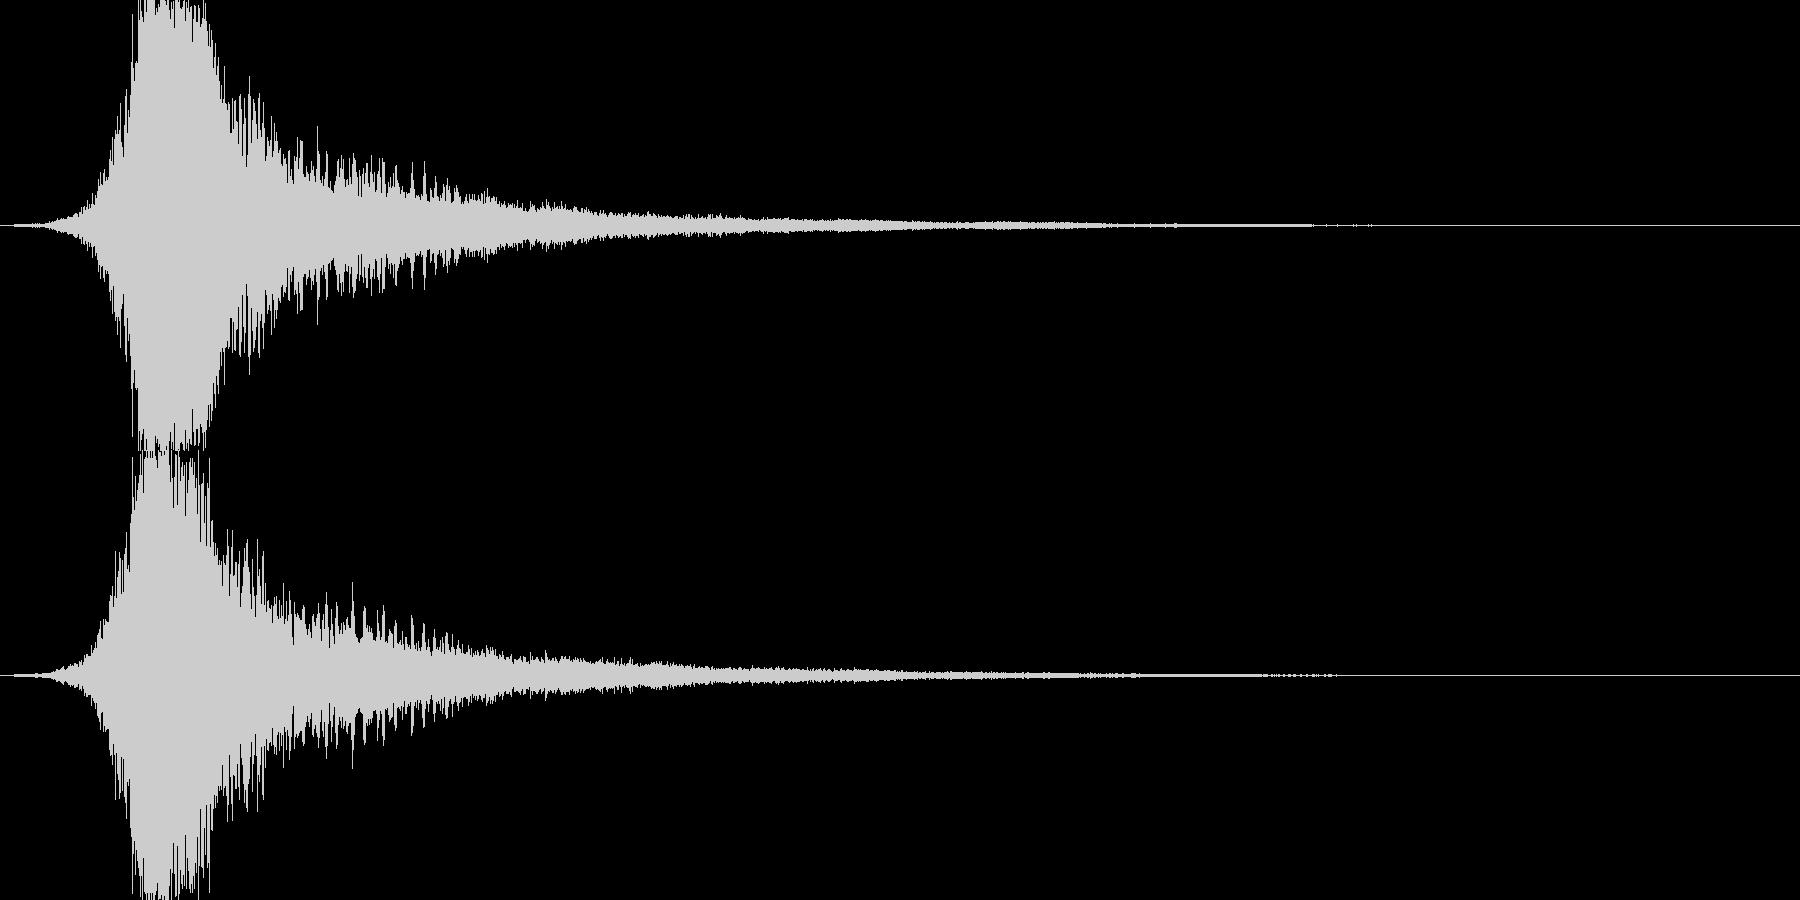 シャキーン 派手なインパクト音5の未再生の波形